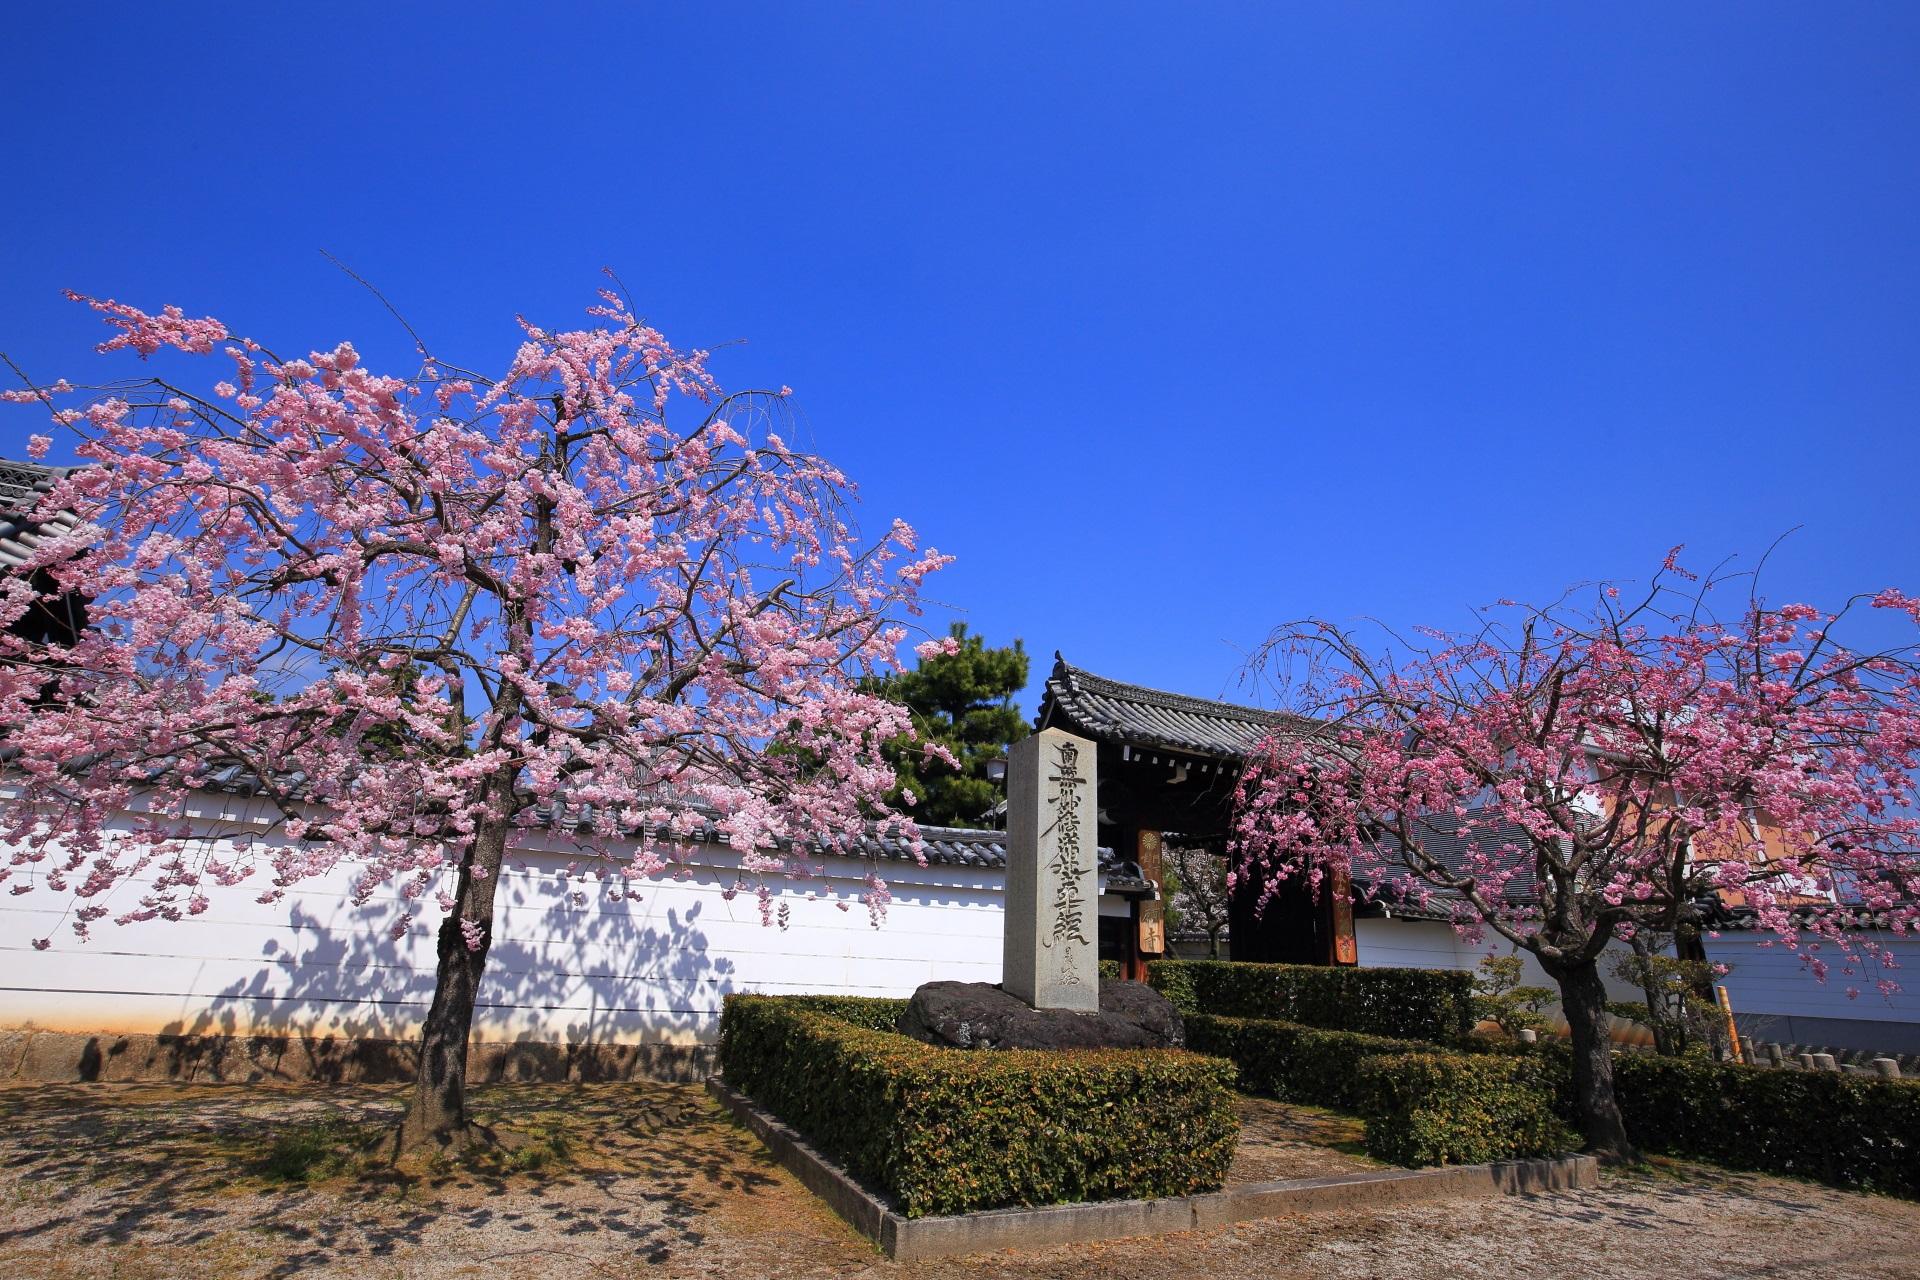 妙顕寺の山門前の桜